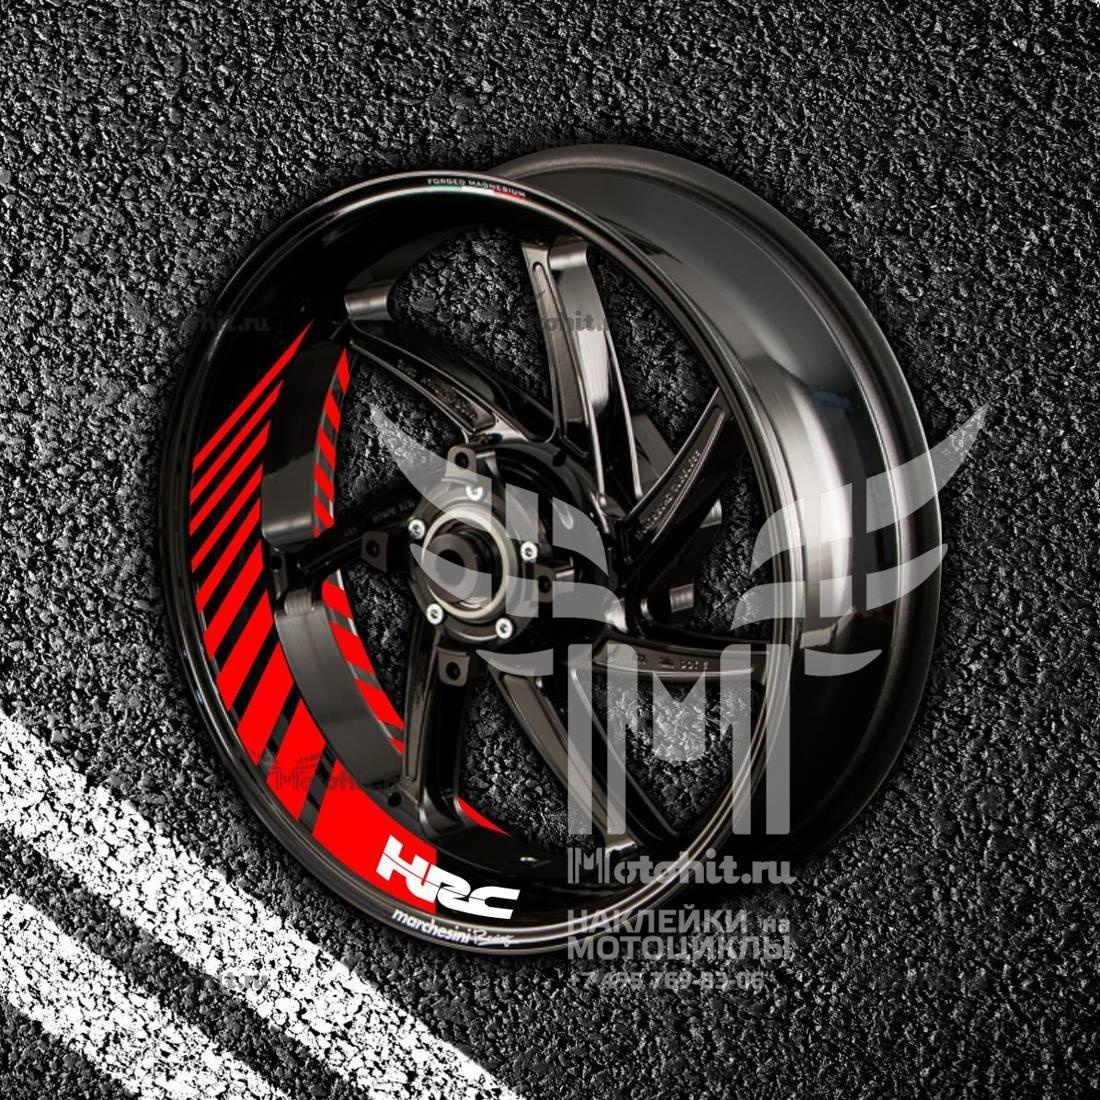 Комплект наклеек с полосами на колеса мотоцикла HONDA HRC